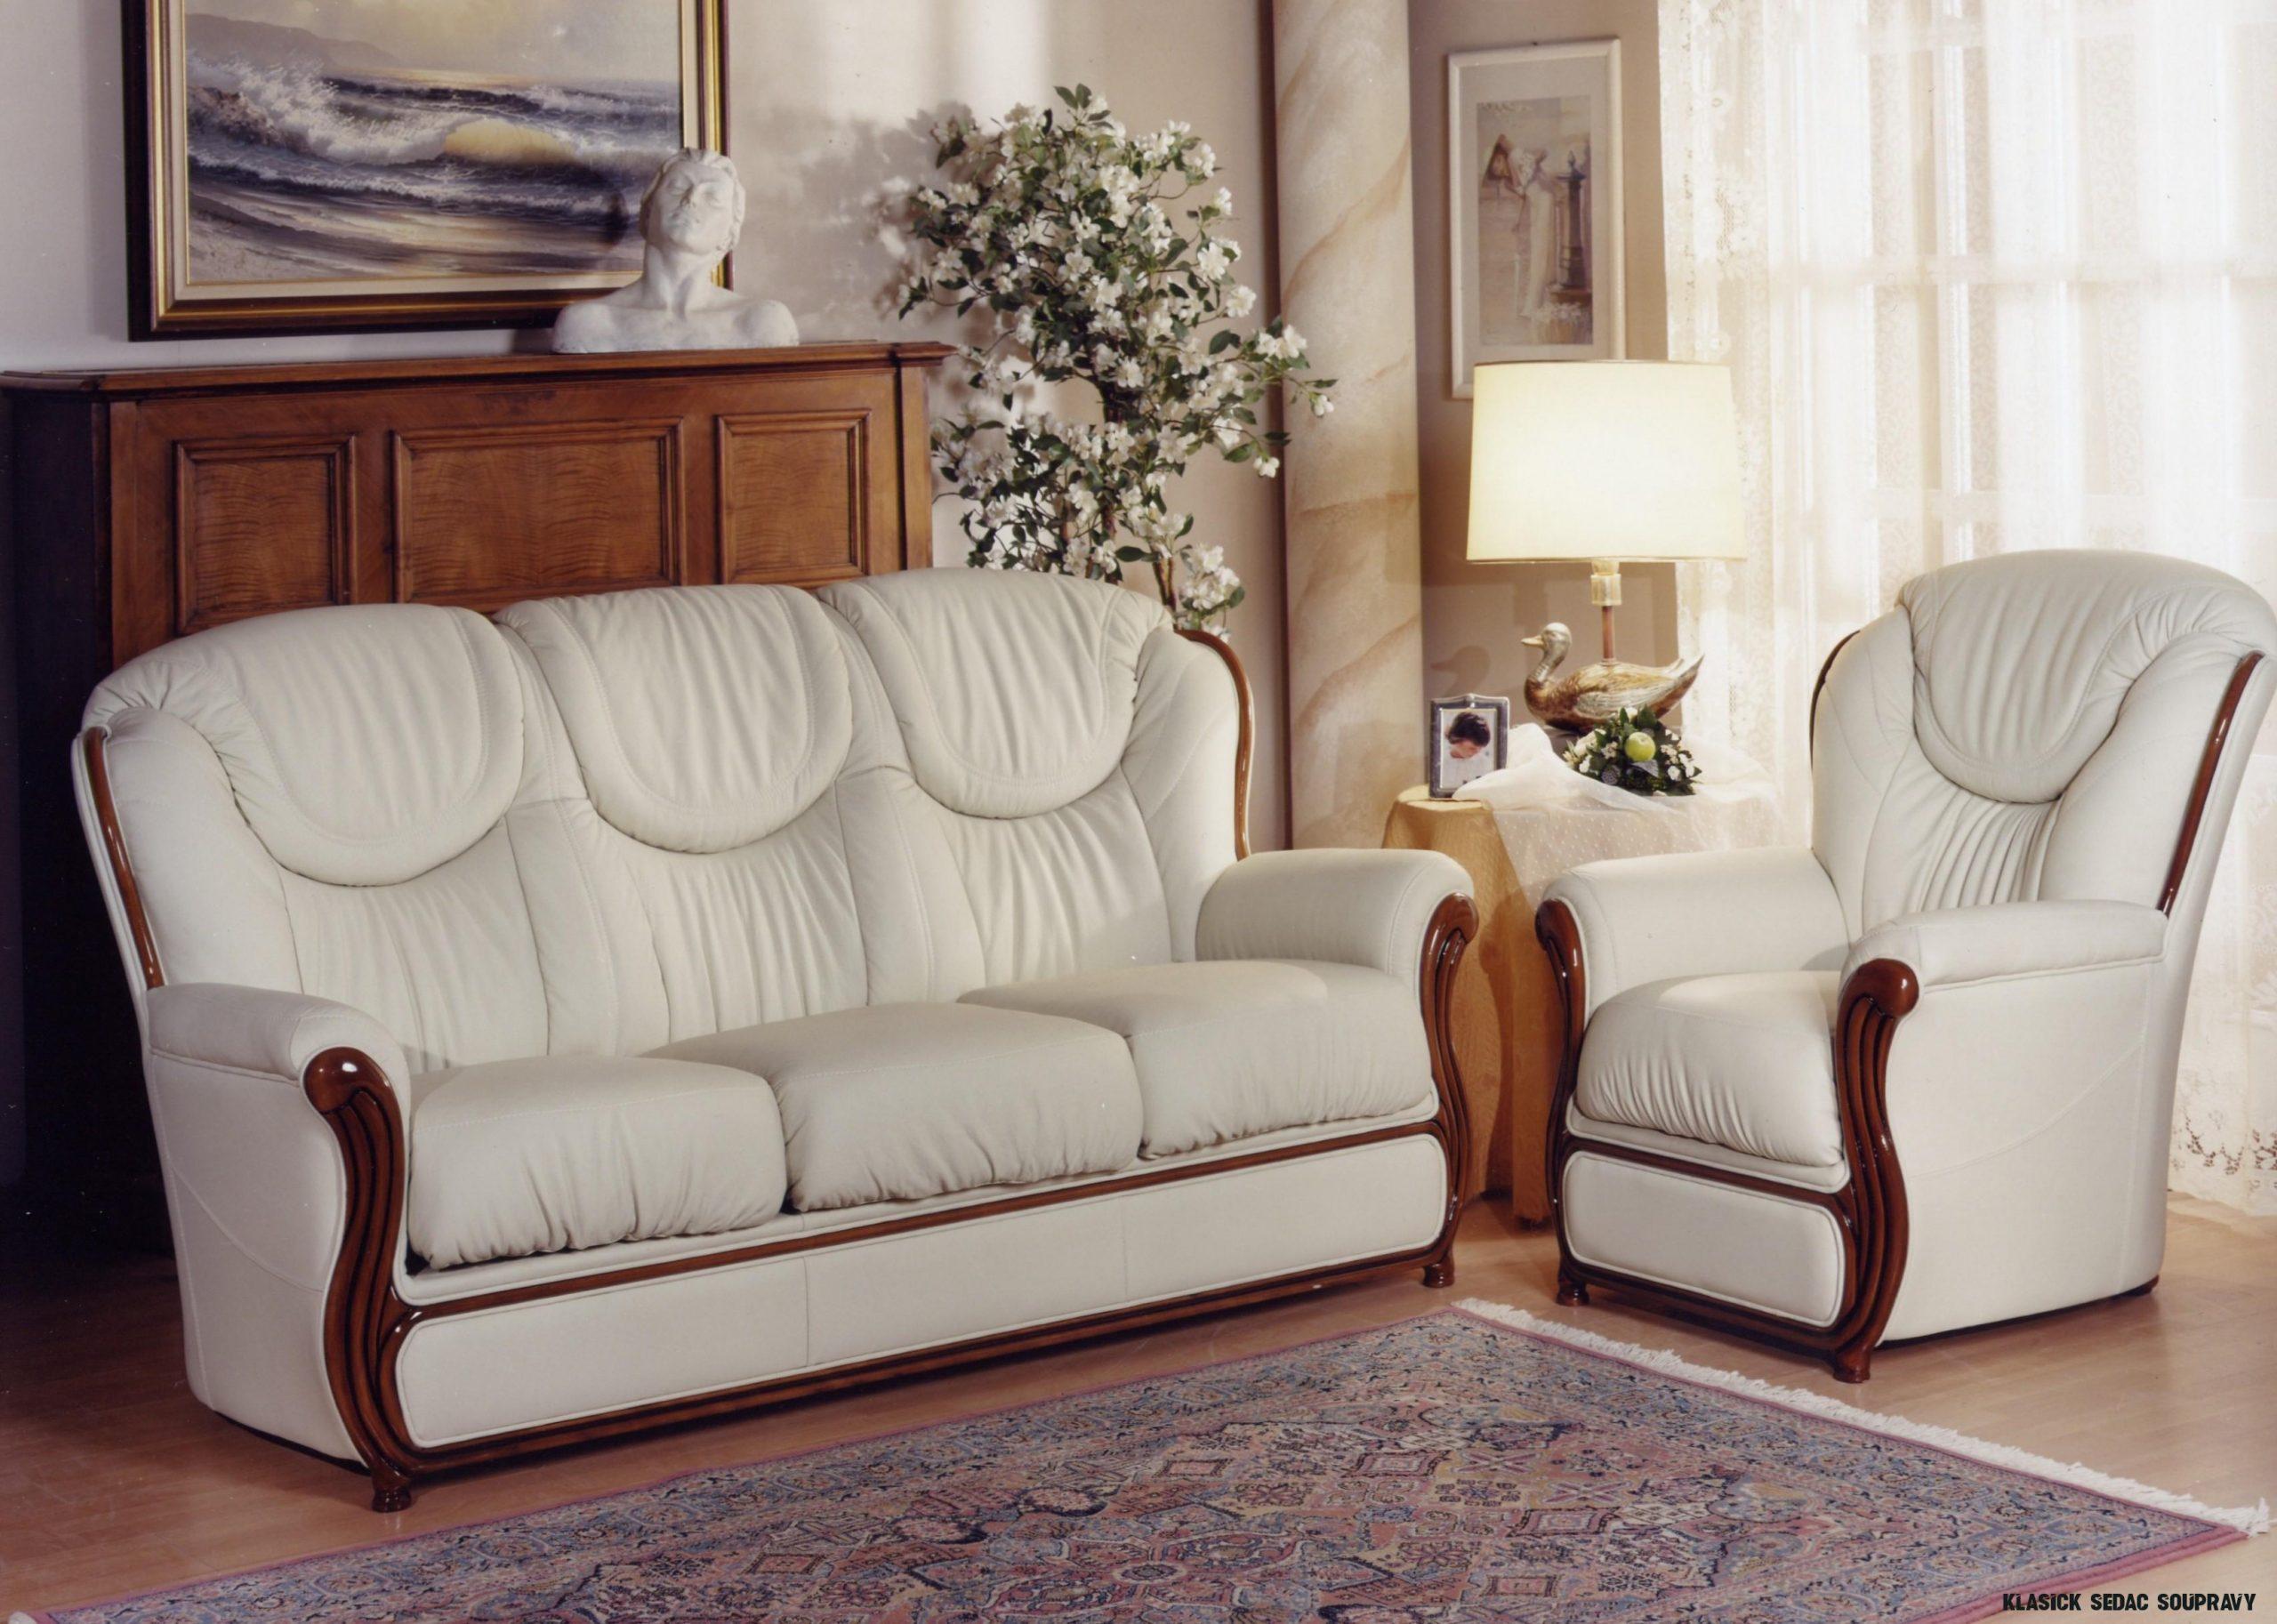 Klasická sedací souprava Desir: elegance a střídmost v kůži i v látce